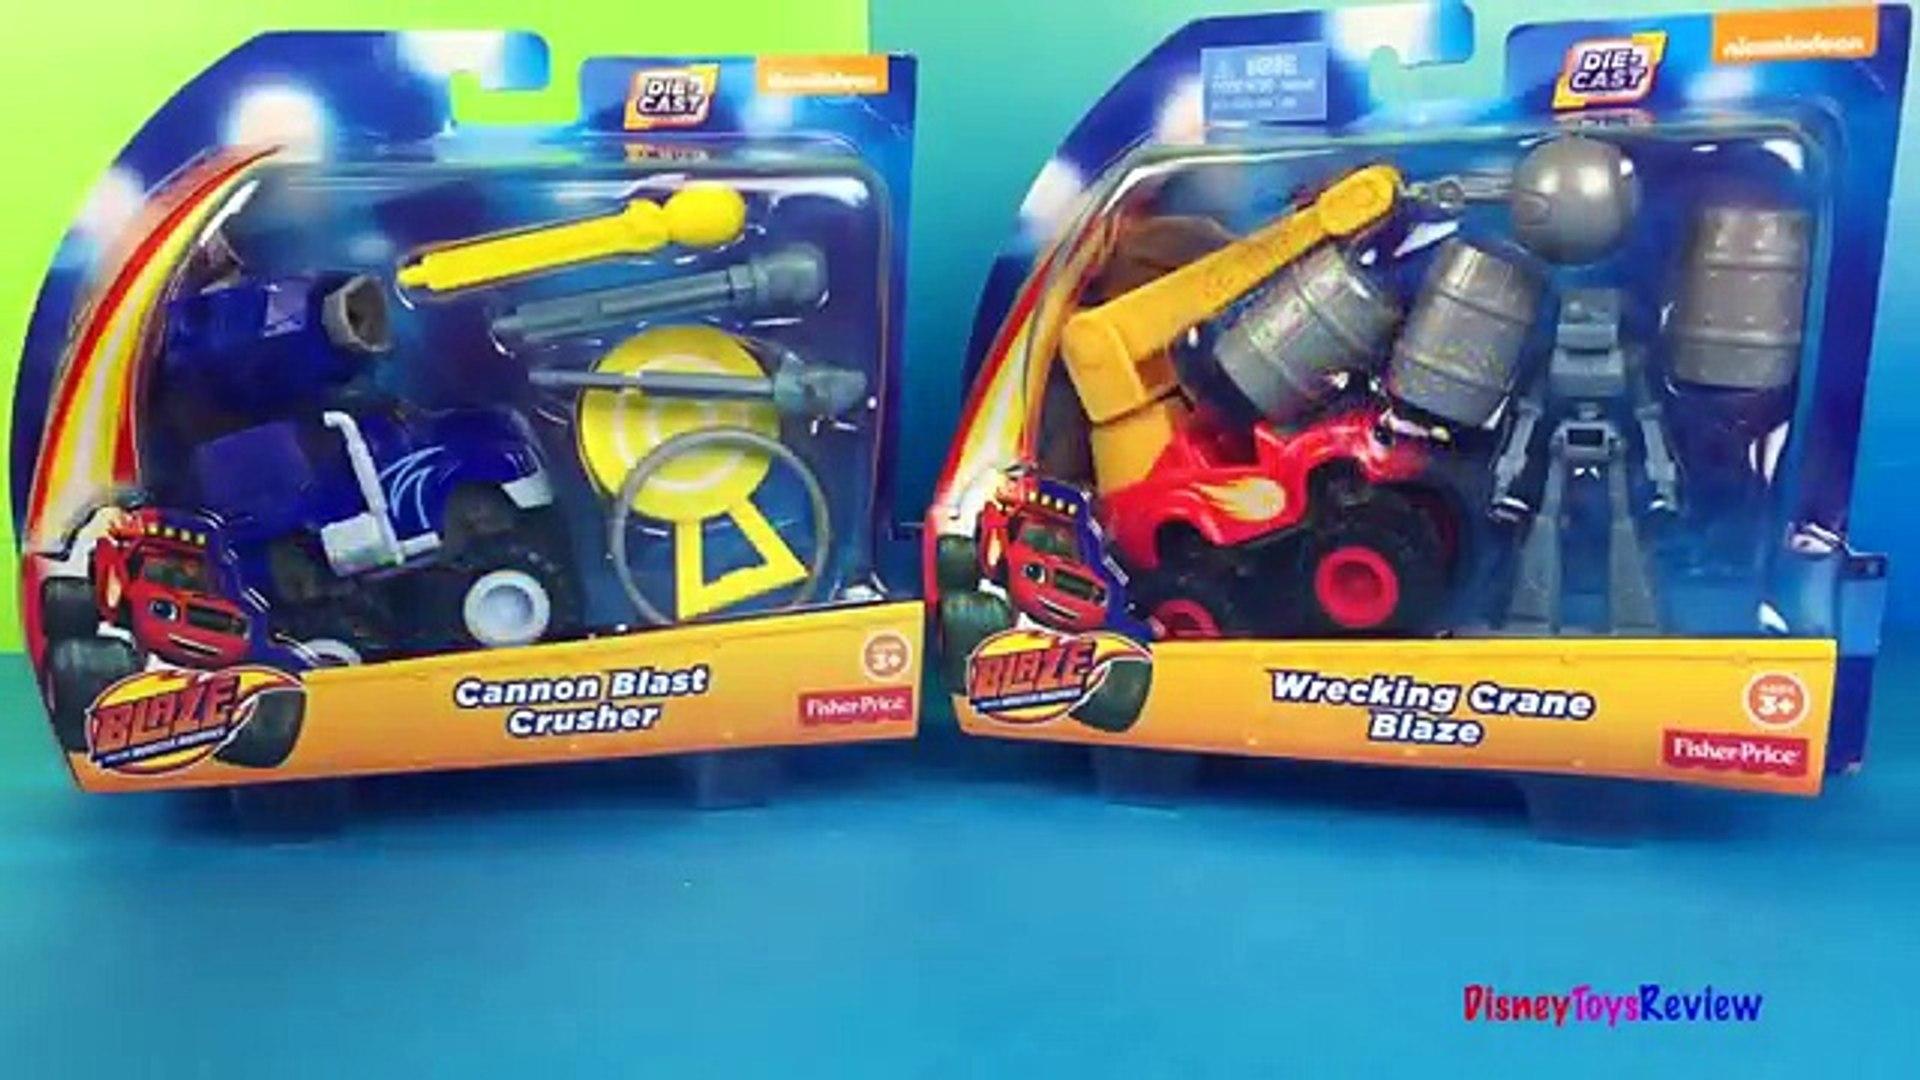 Playdoh Fisher Price Nickelodeon Blaze & the Monster Machines Cannon Blast Crusher Monster truck